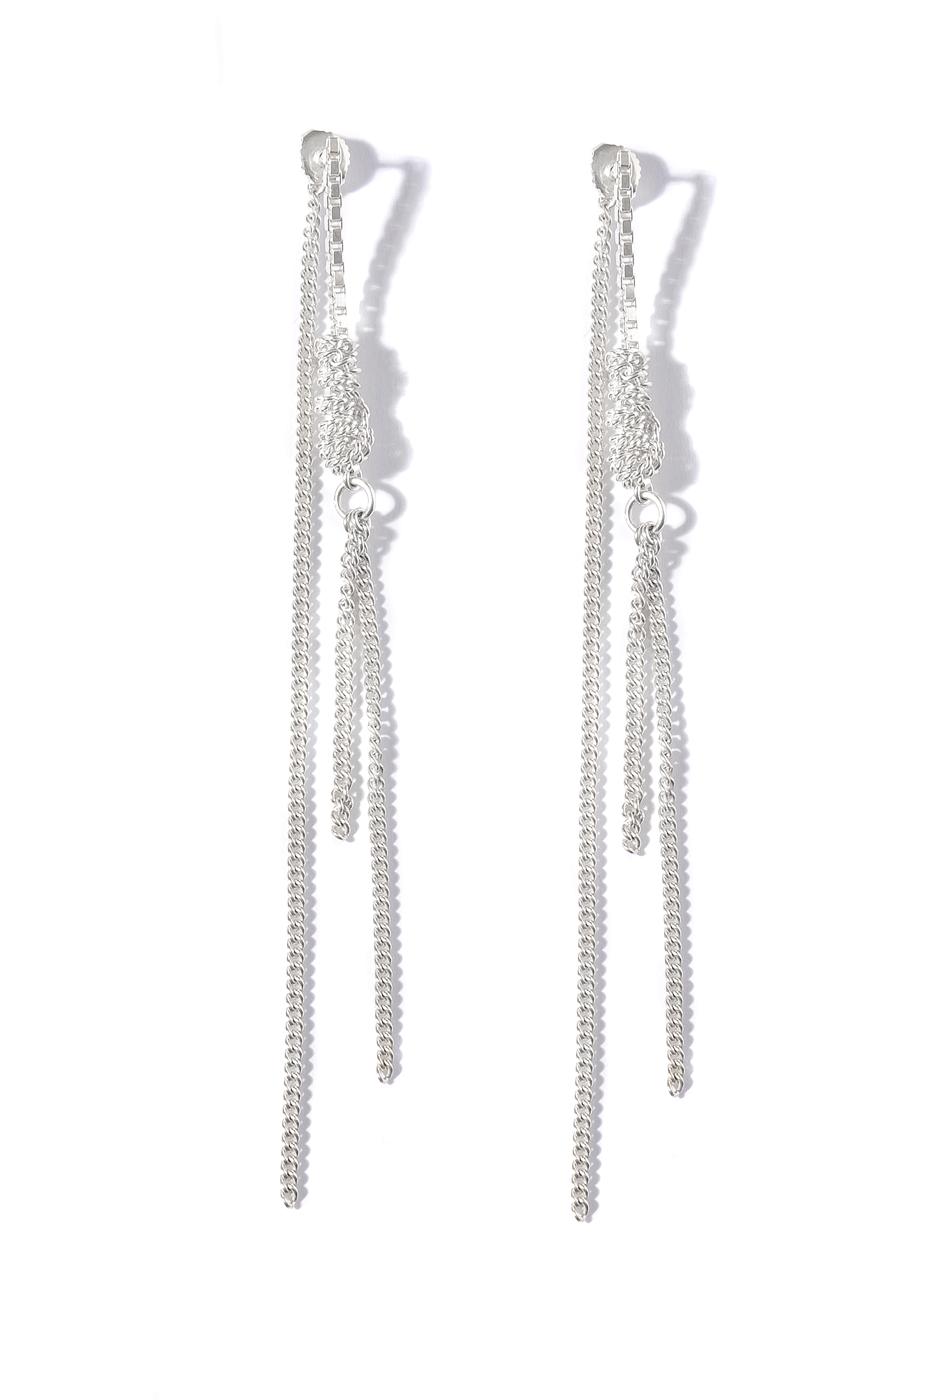 Adeline Cacheux Jewelry Design Boucles d'oreilles chaînes argent Drop earring silver